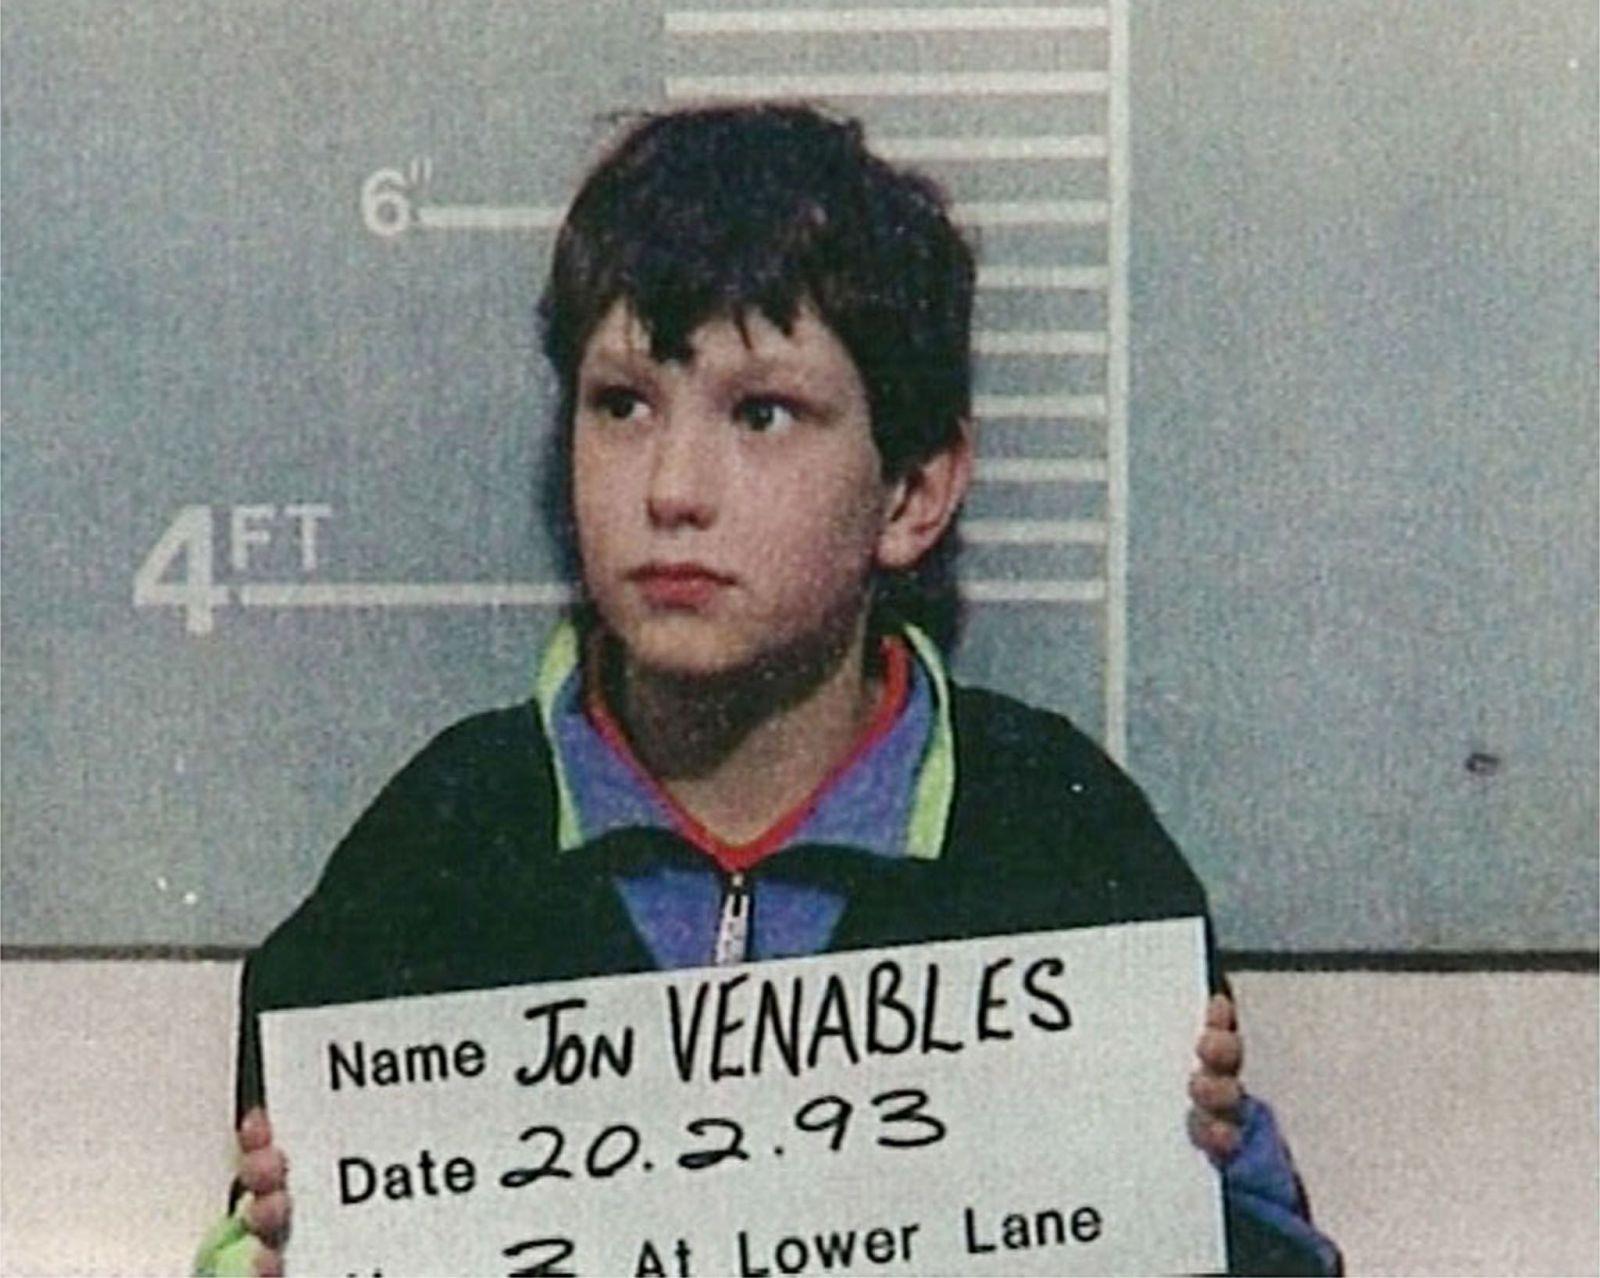 Jon Venables (20. február 1993)